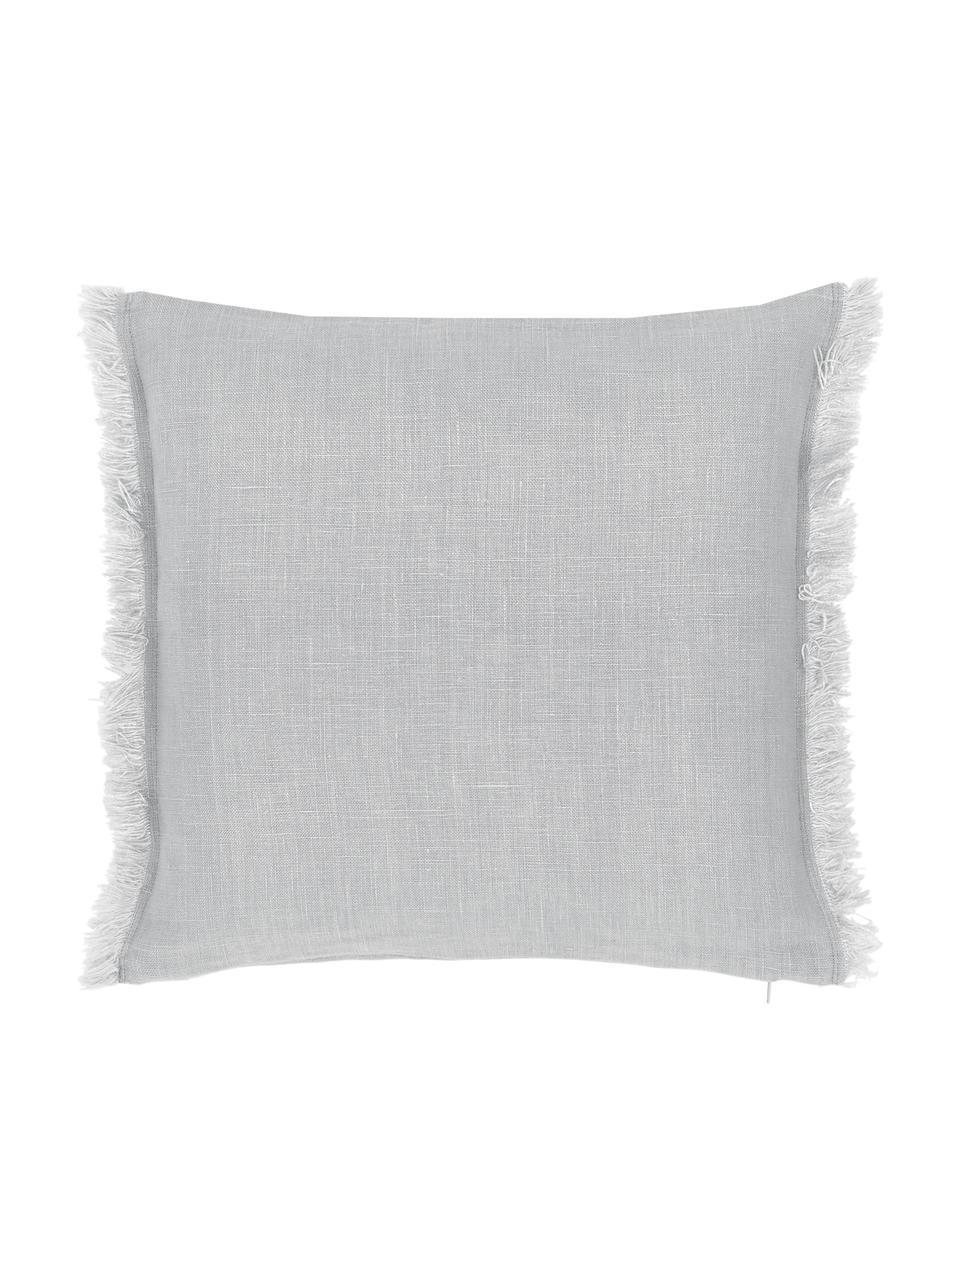 Federa arredo in lino grigio chiaro con frange Luana, 100% lino, Grigio chiaro, Larg. 40 x Lung. 40 cm